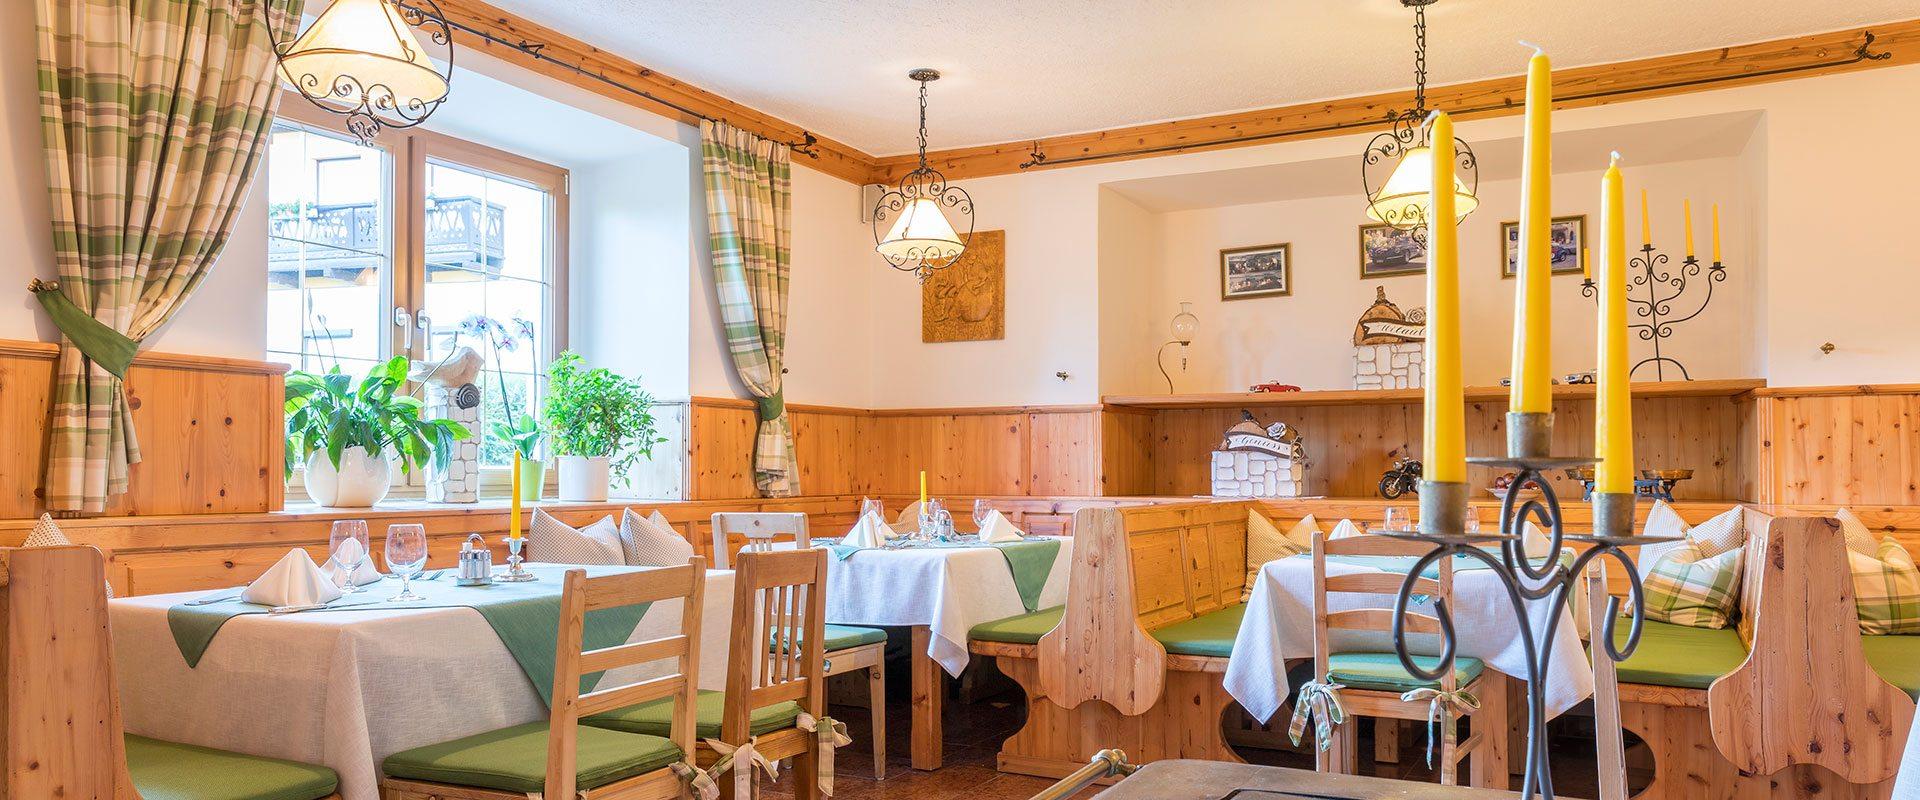 Halbpension - Vitalhotel Marienhof, 4 Sterne Hotel in Velden